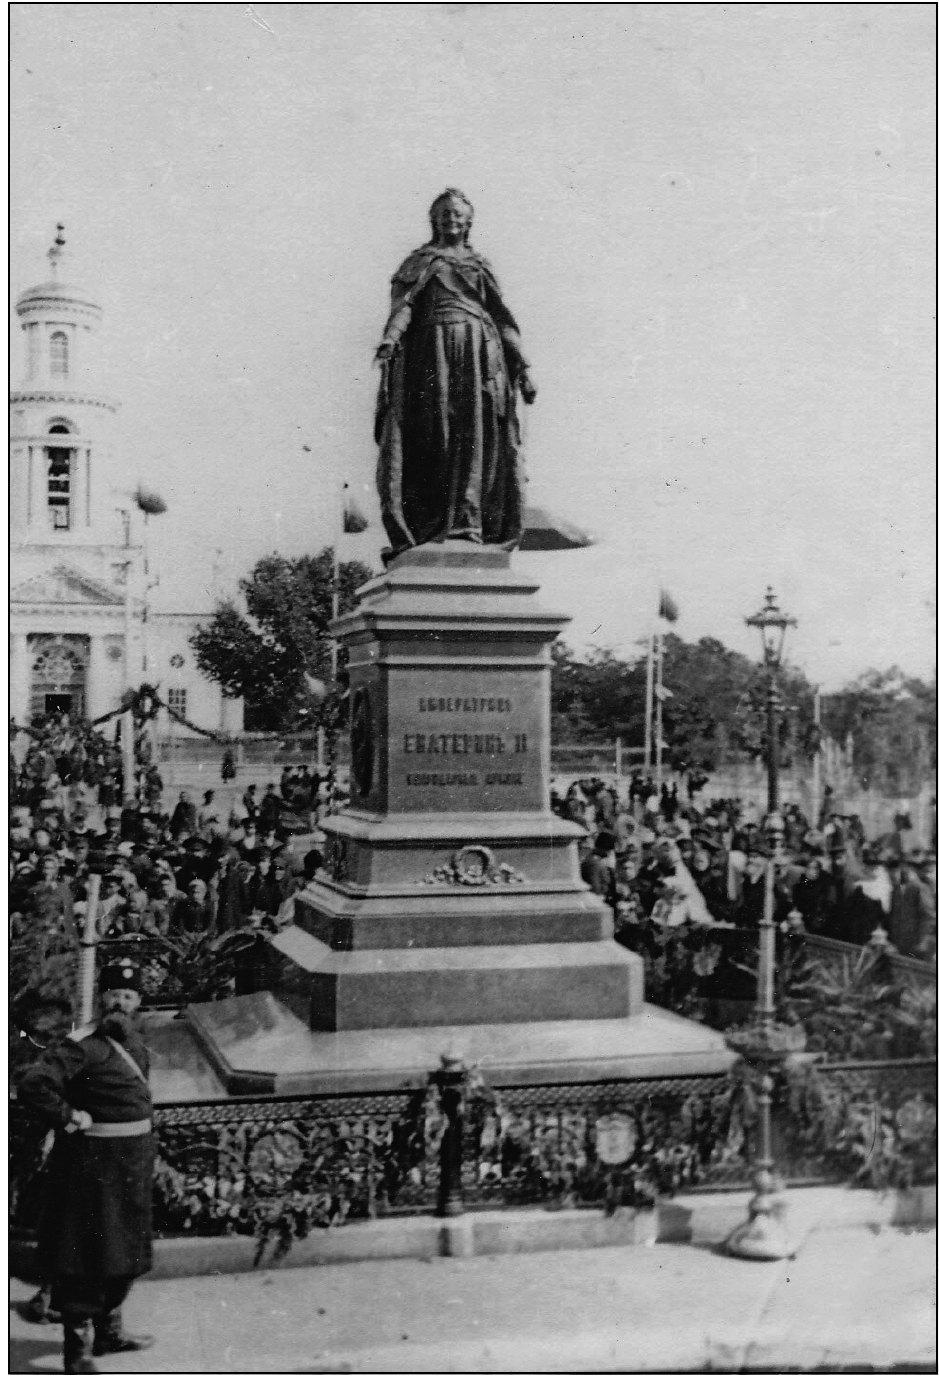 Открытие памятника Екатерине II. 15 сентября 1894.